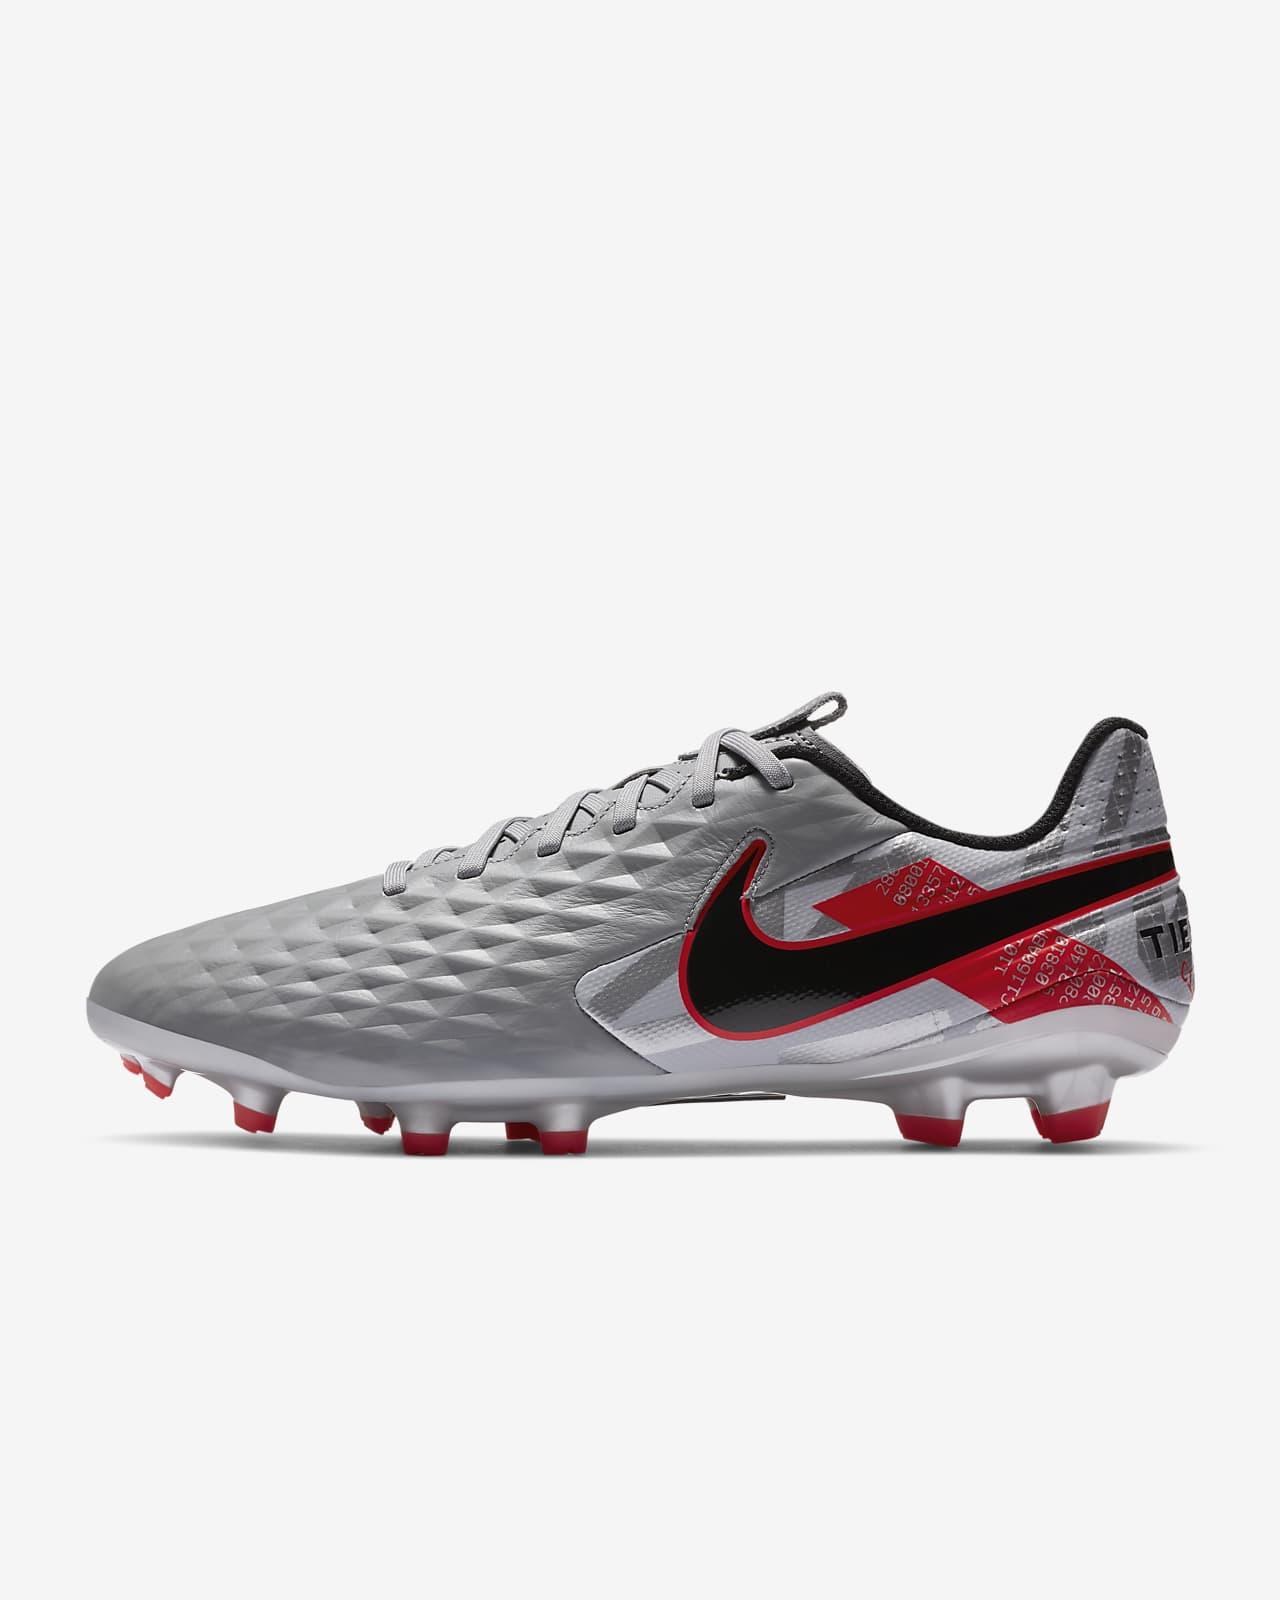 Cien años Enviar Intuición  Nike Tiempo Legend 8 Academy MG Multi-Ground Football Boot. Nike LU